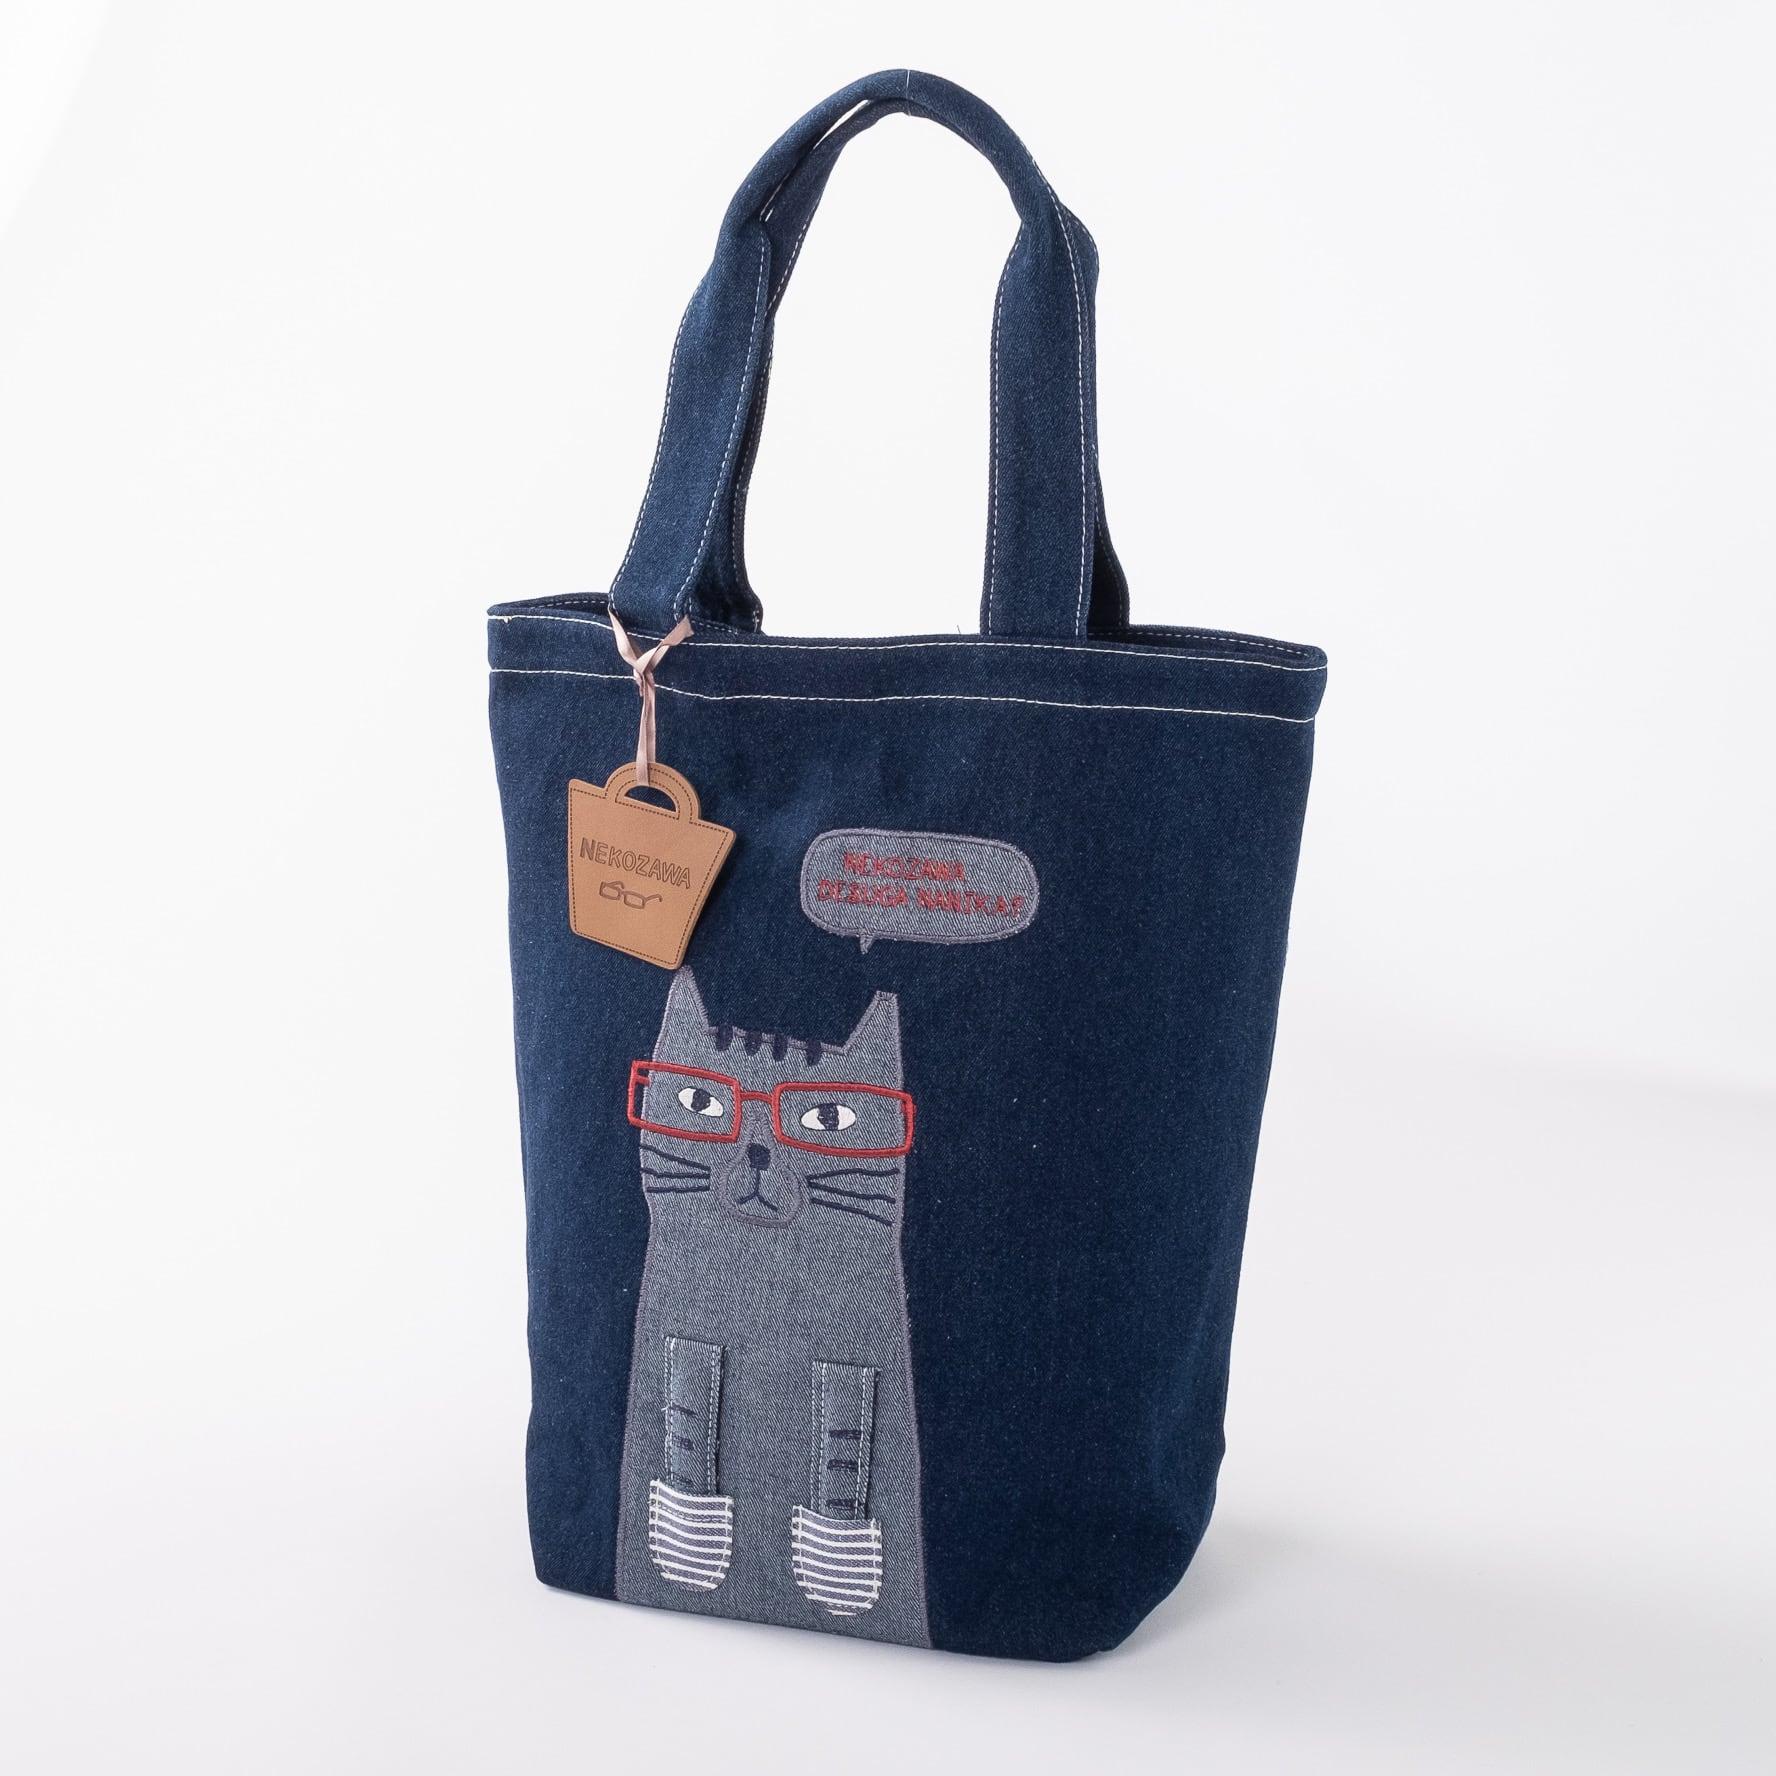 デニムトートバッグ 「ネコまるけデニムトートバッグ アオ」